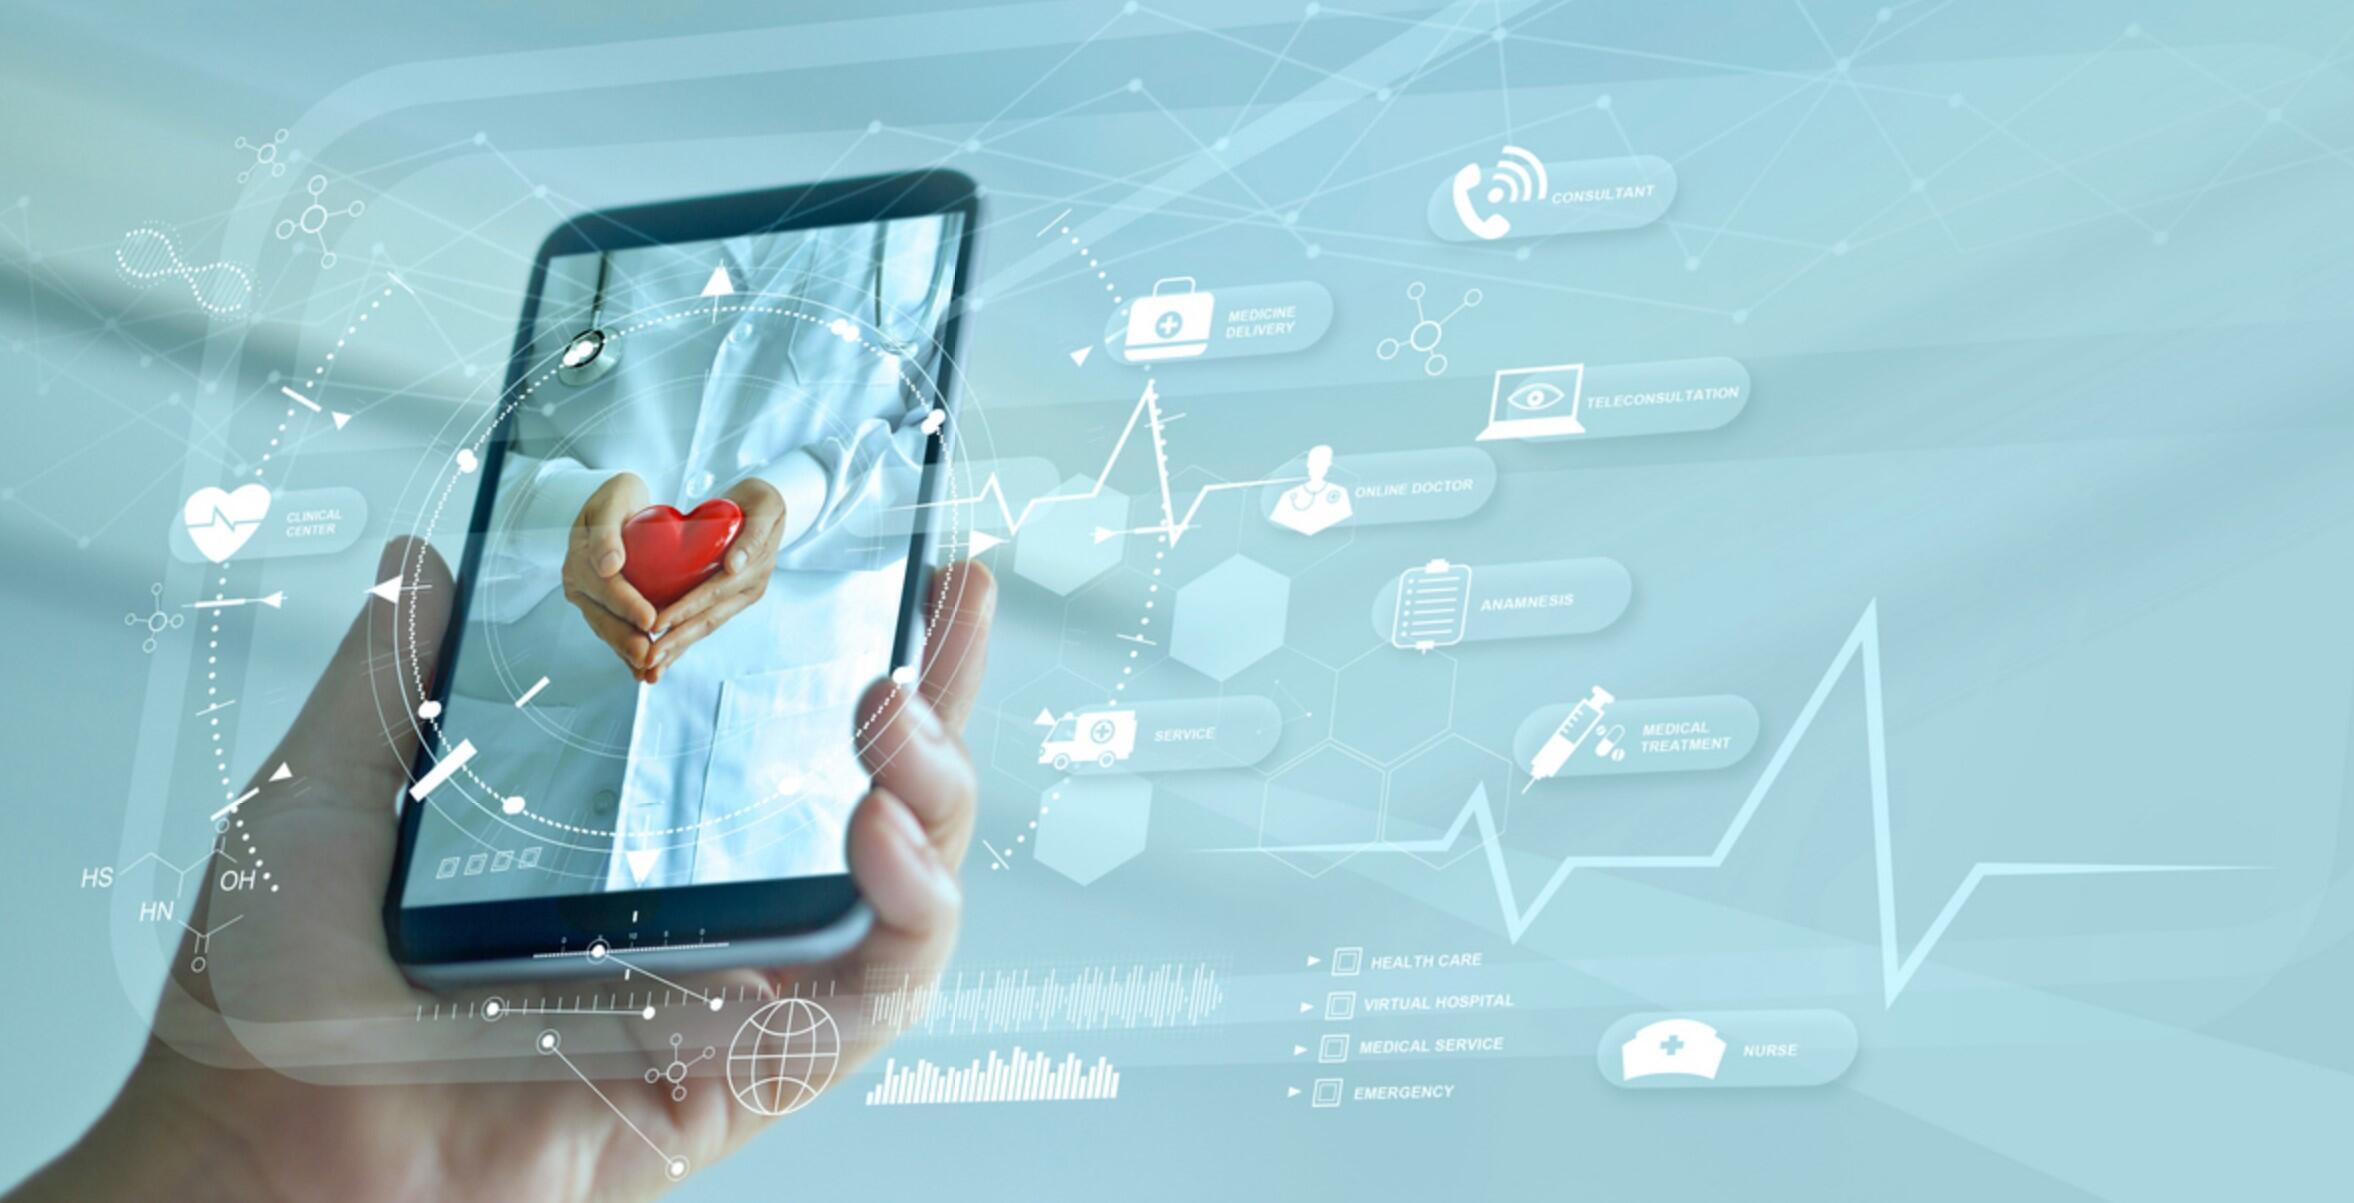 Sağlık uygulamaları kişisel verileri koruyamıyor